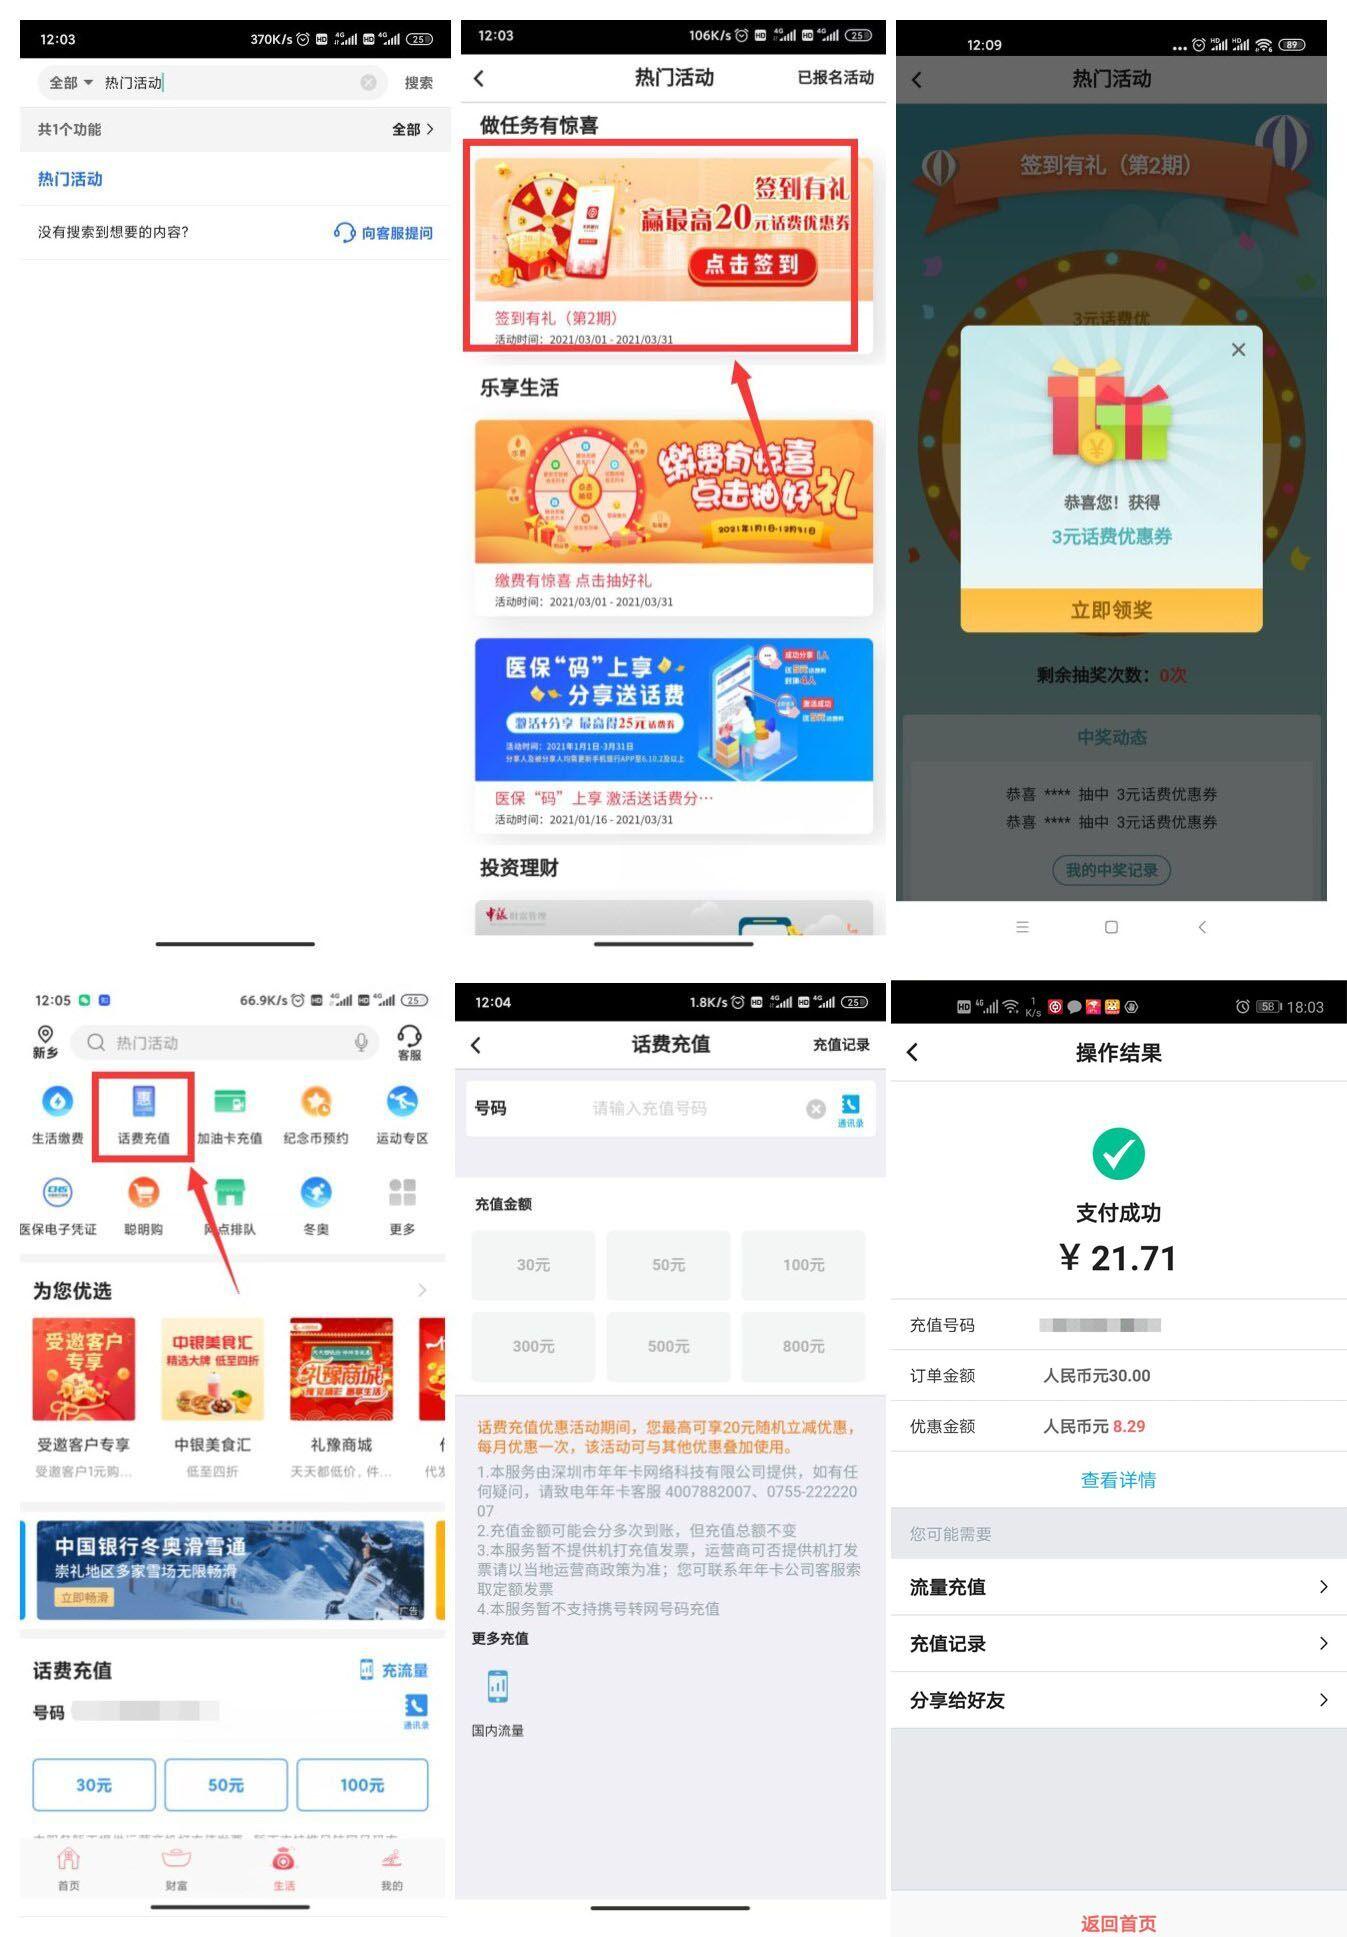 中国银行老用户如何用22元充值30元话费?